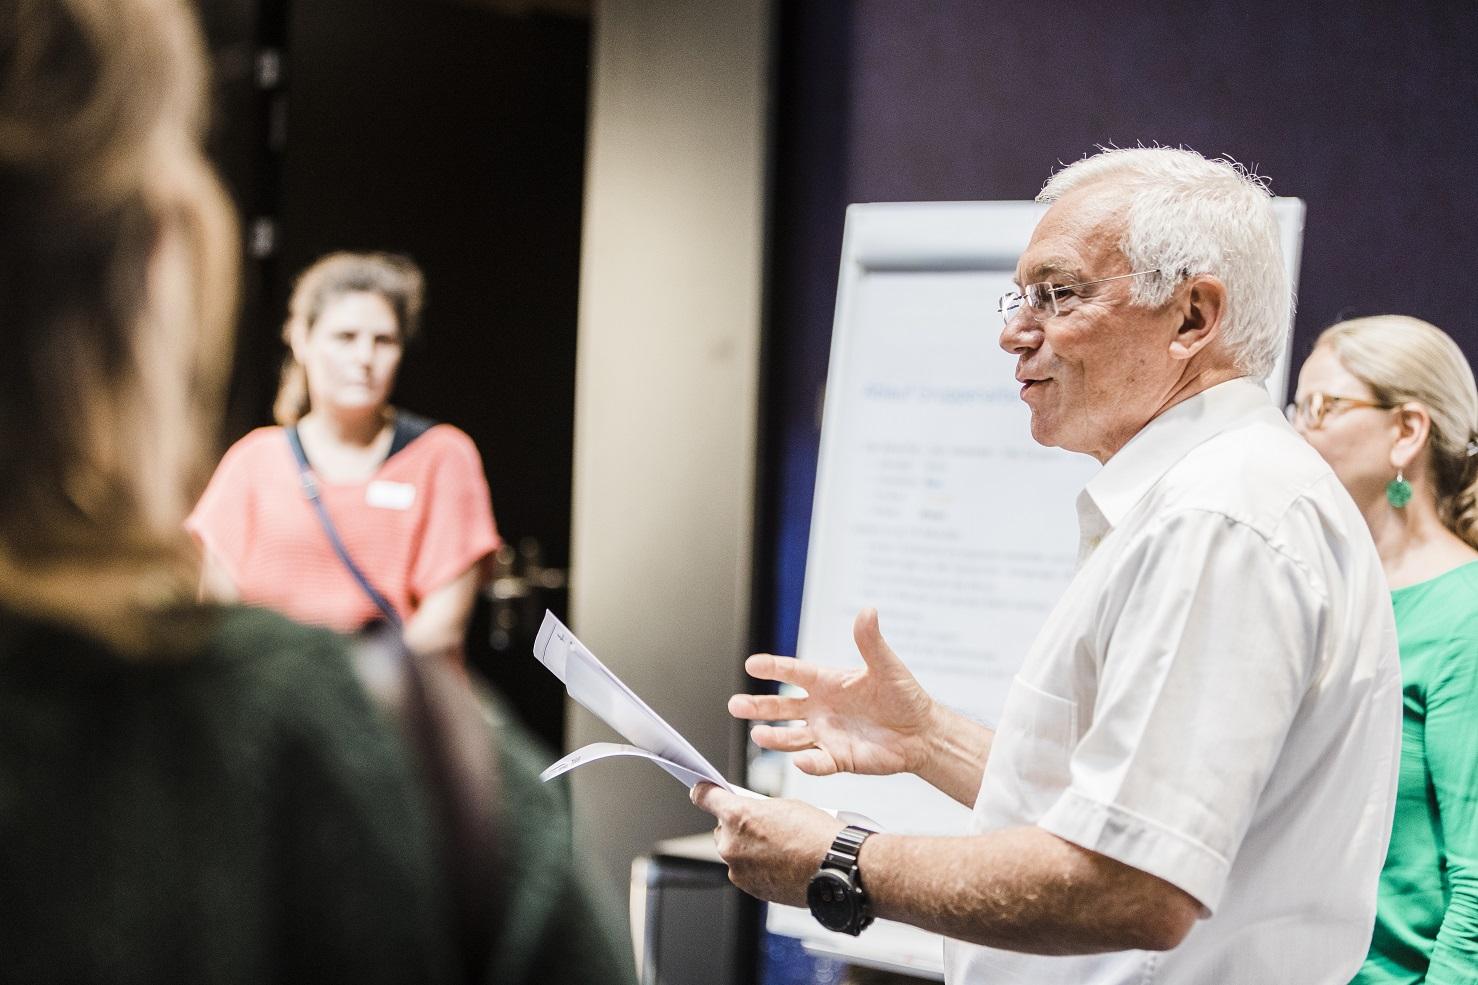 Teilnehmer übermittelt gestikulierend einen Beitrag am Workshop